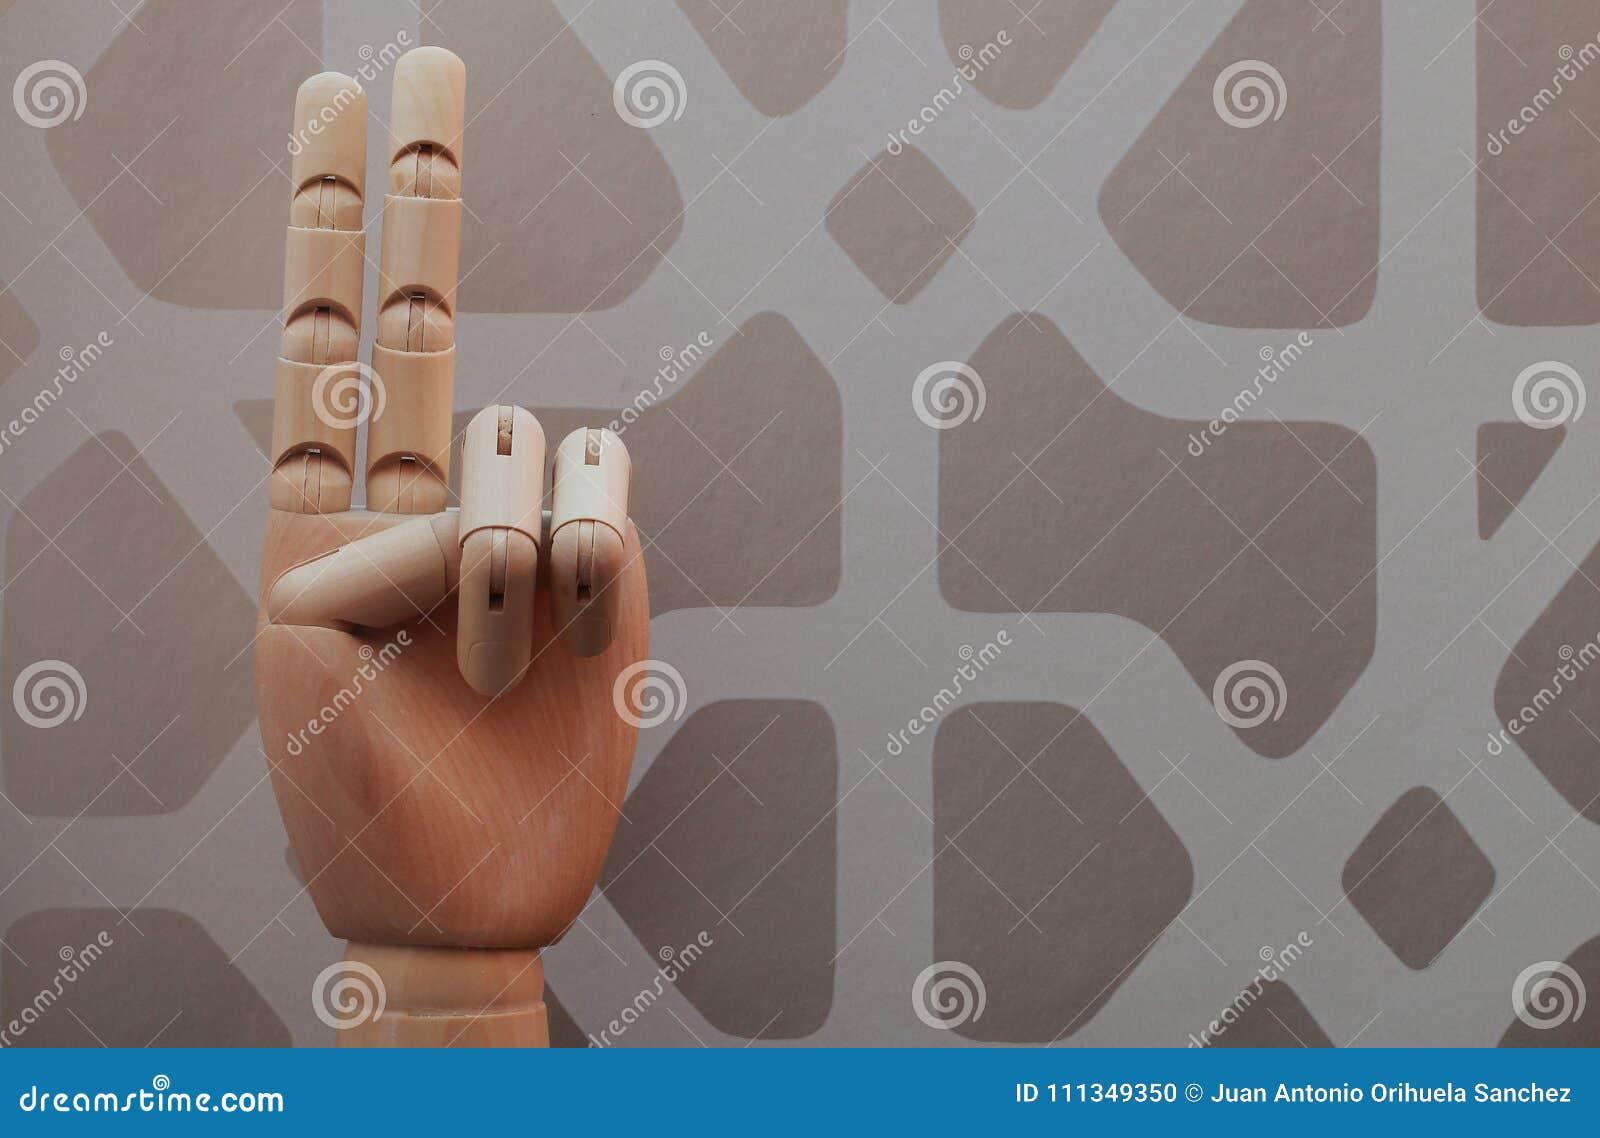 La main en bois articulée avec deux doigts a augmenté en allusion au numéro deux